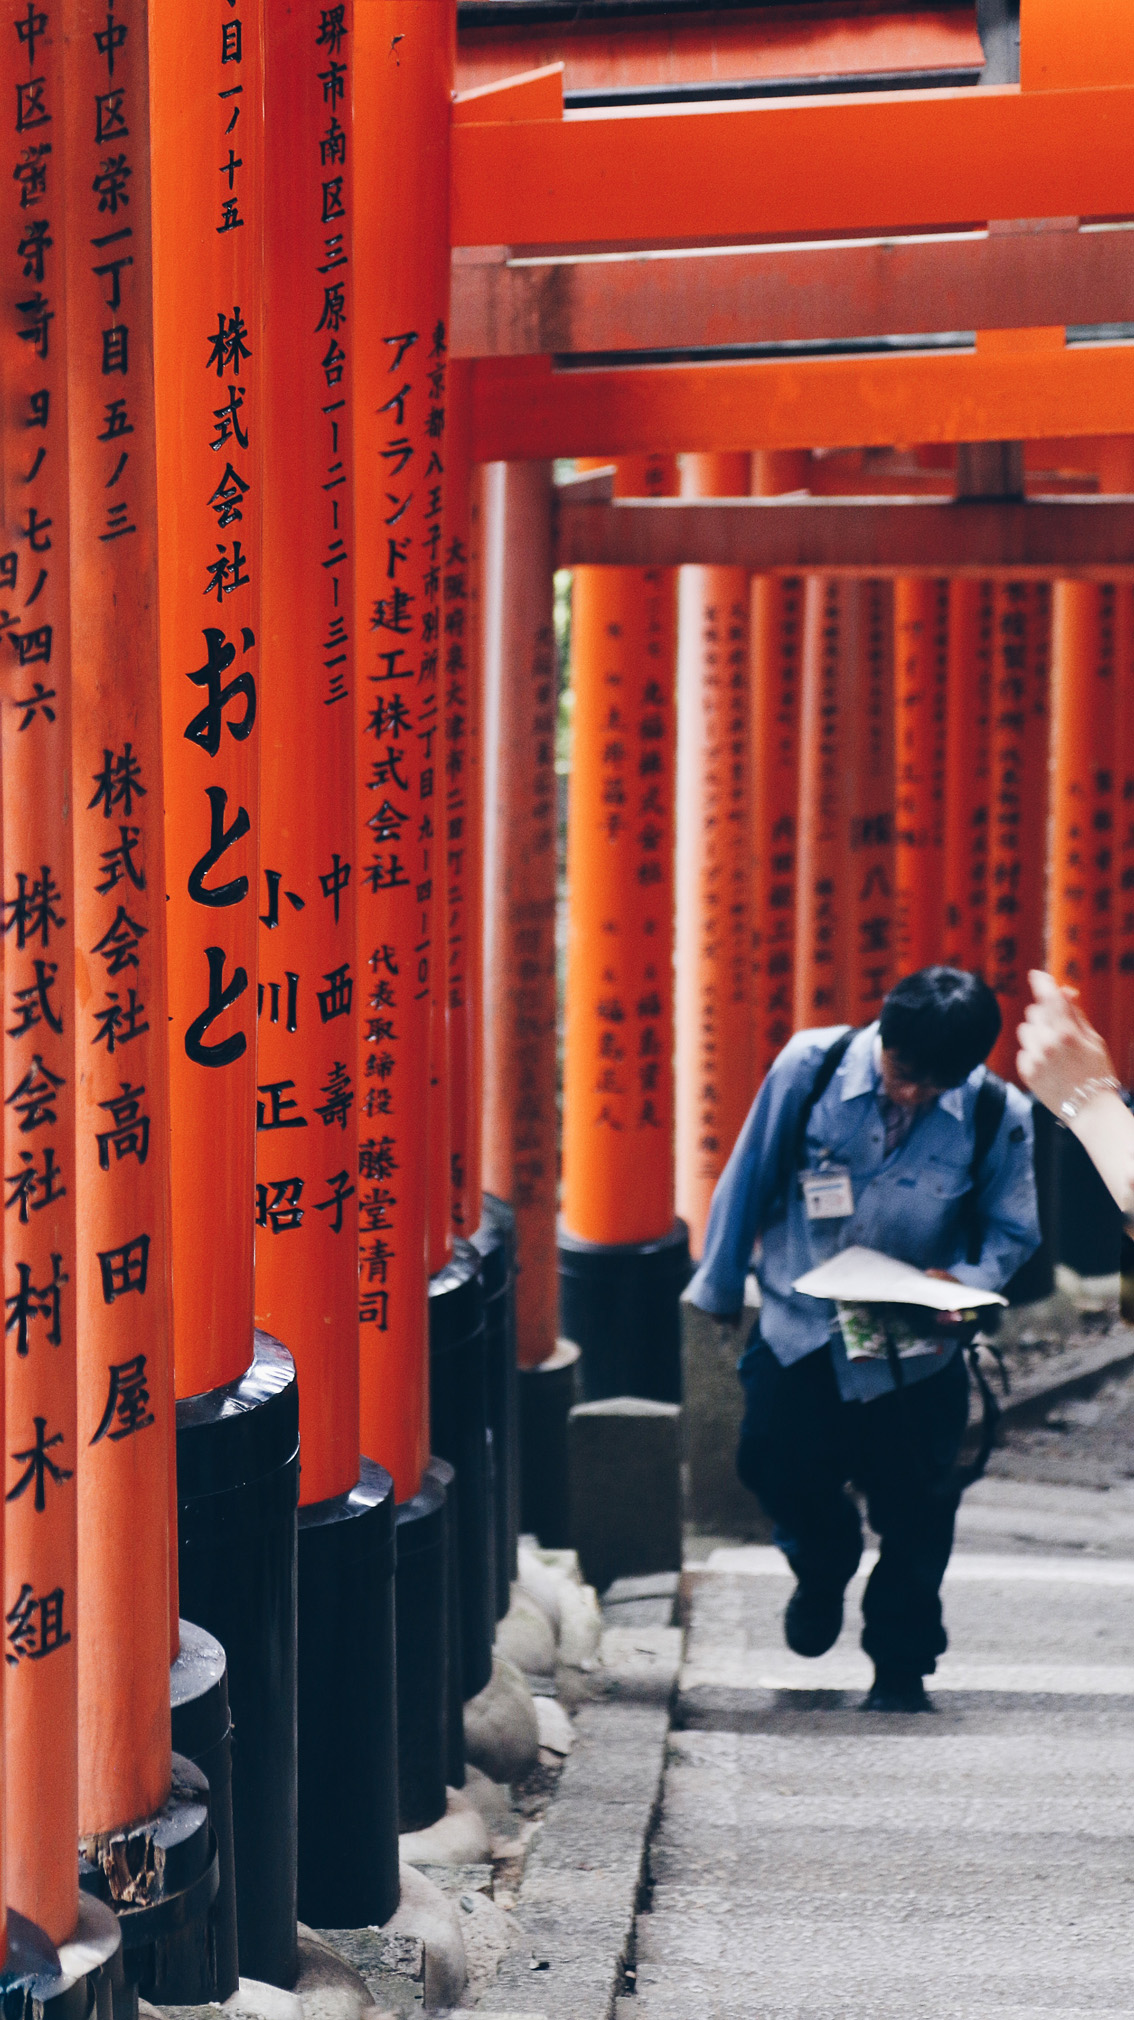 32 #Giappotour with Blueberry Travel day 2: Fushimi Inari & Nara.